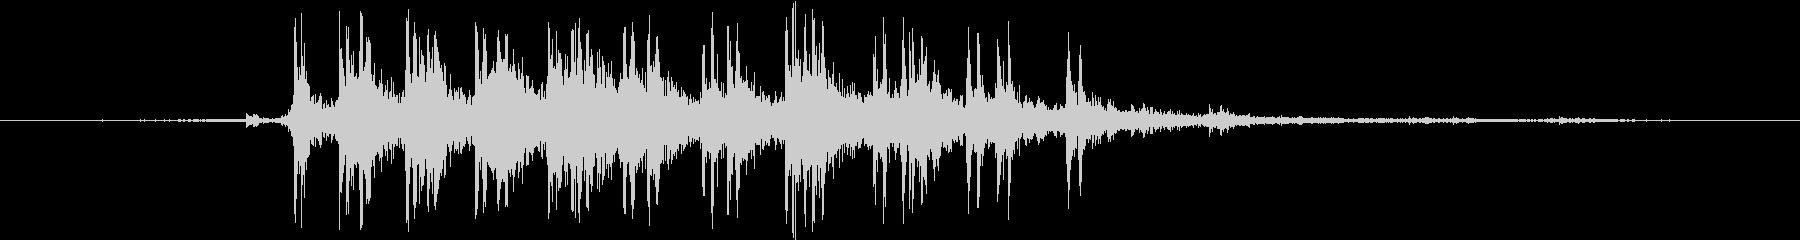 超接近して走る貨物列車の効果音の未再生の波形